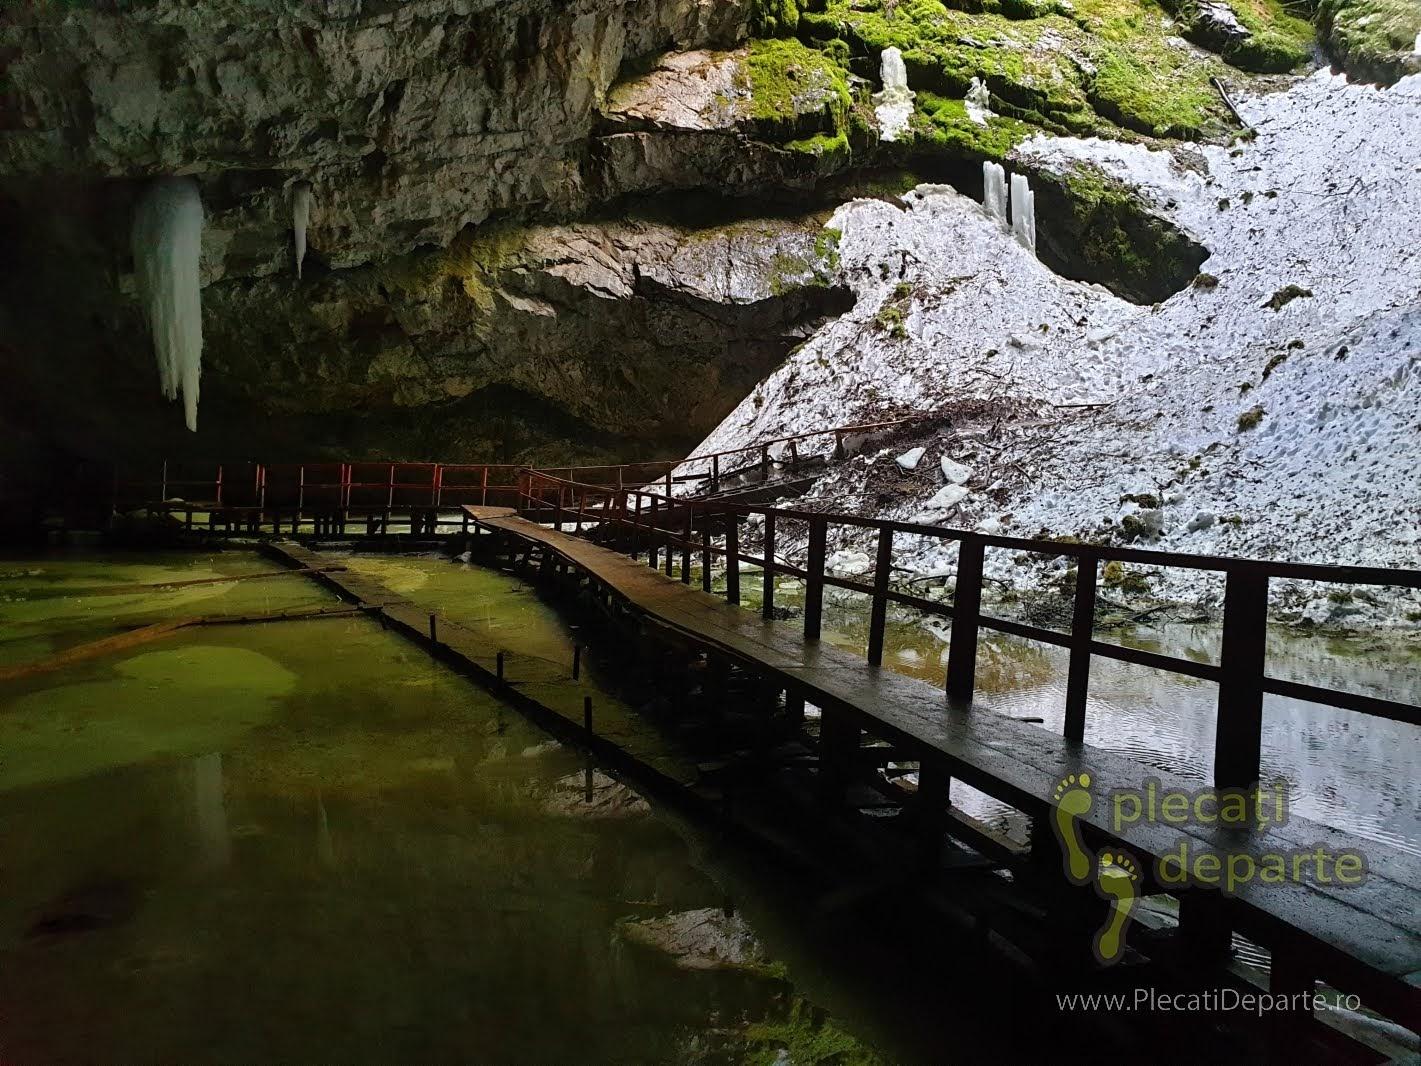 de vizitat muntii apuseni pestera ghetarul scarisoara obiective turistice